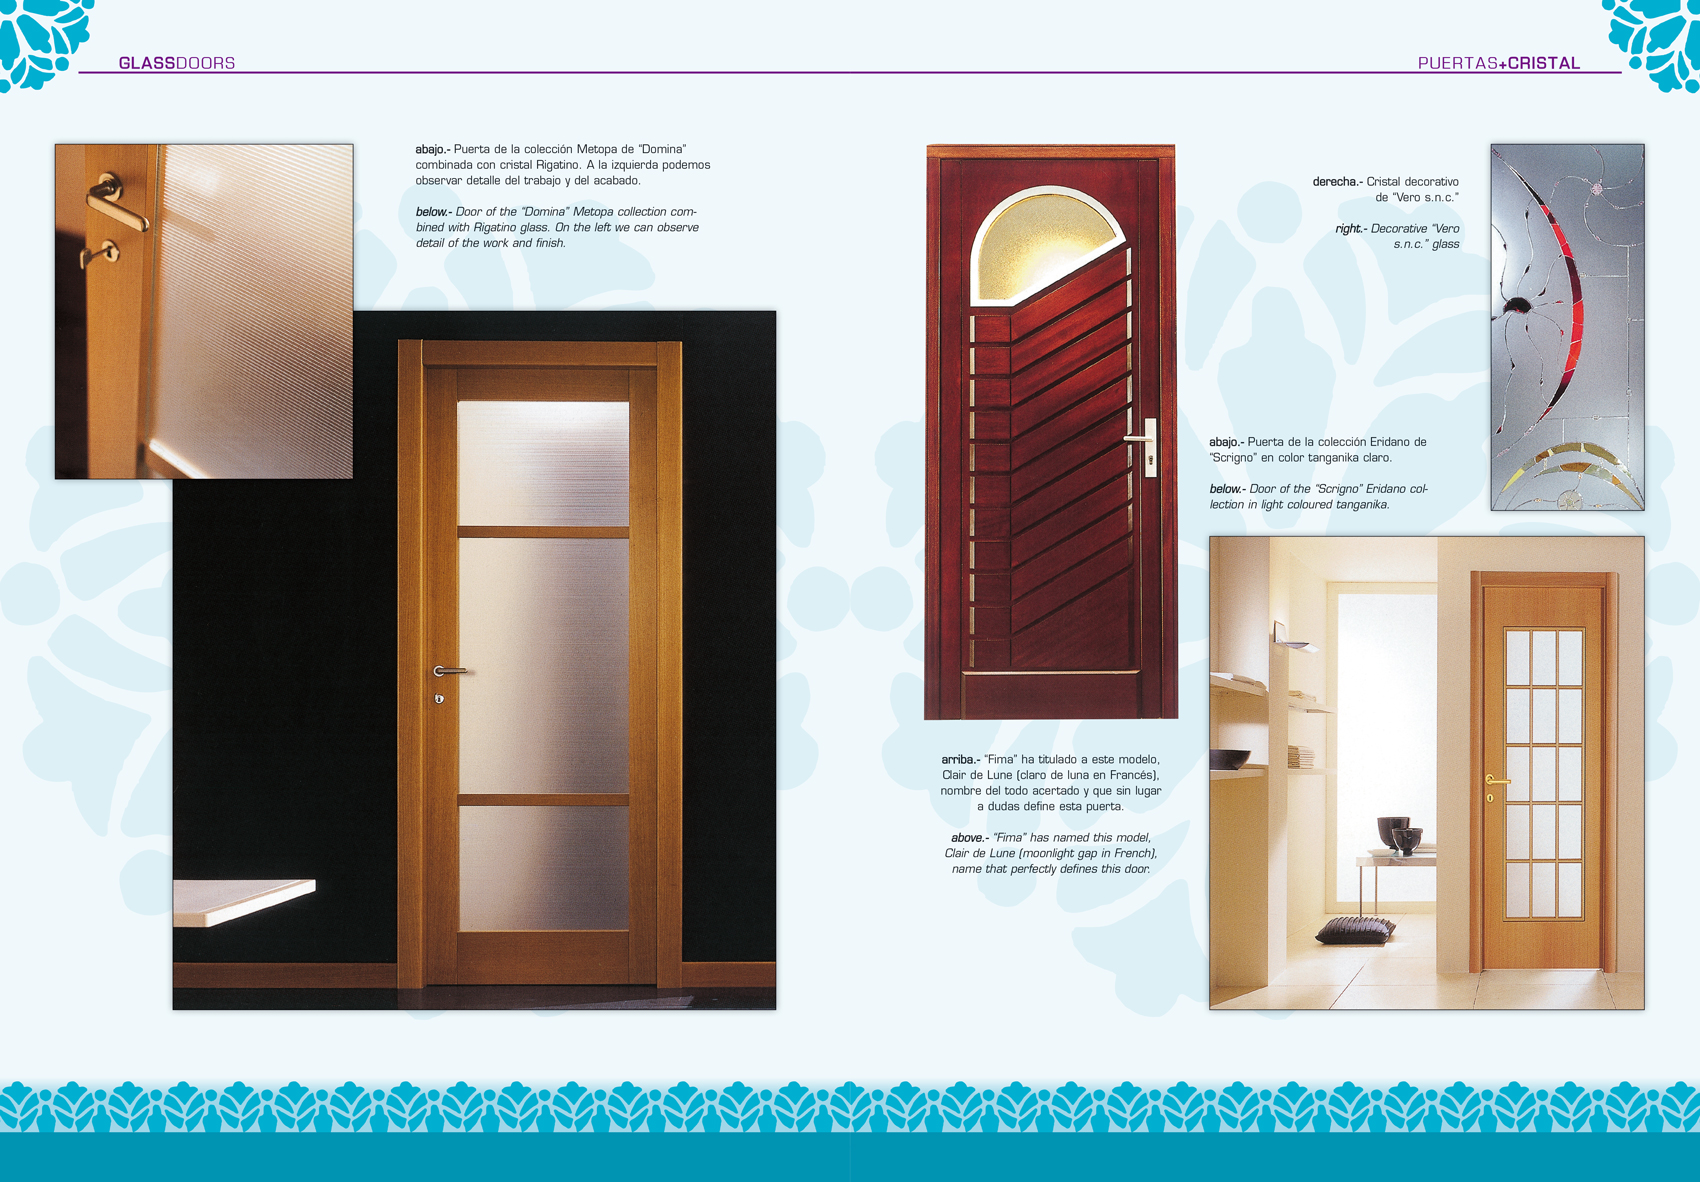 puertas-cristal-1.jpg